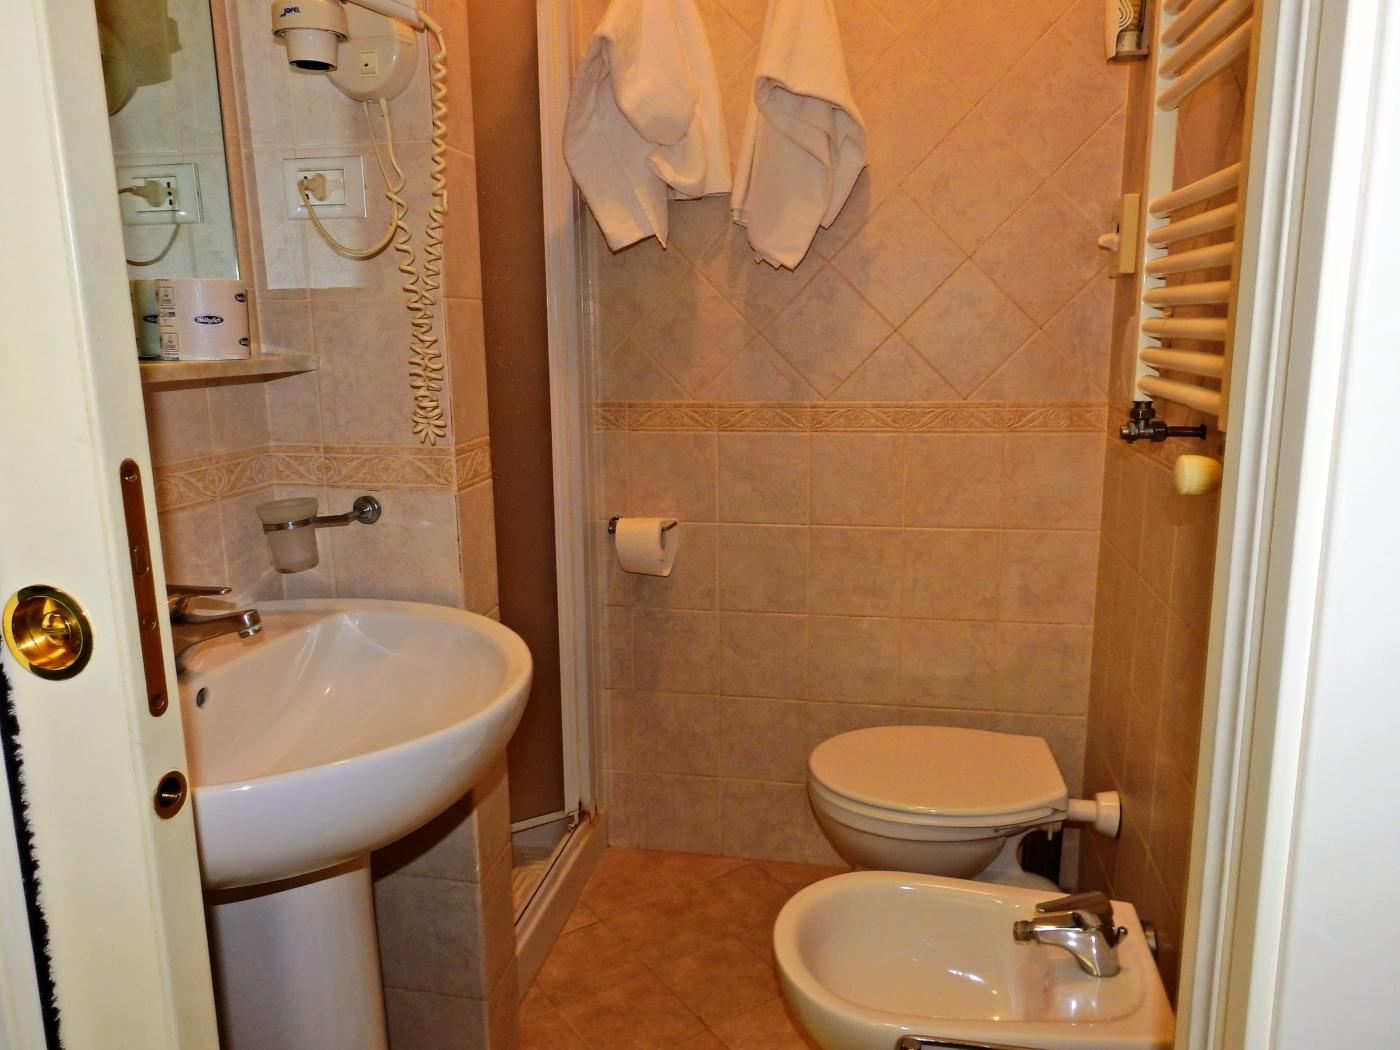 Camera Matrimoniale In Offerta a Pisa | Hotel La Torre Pisa